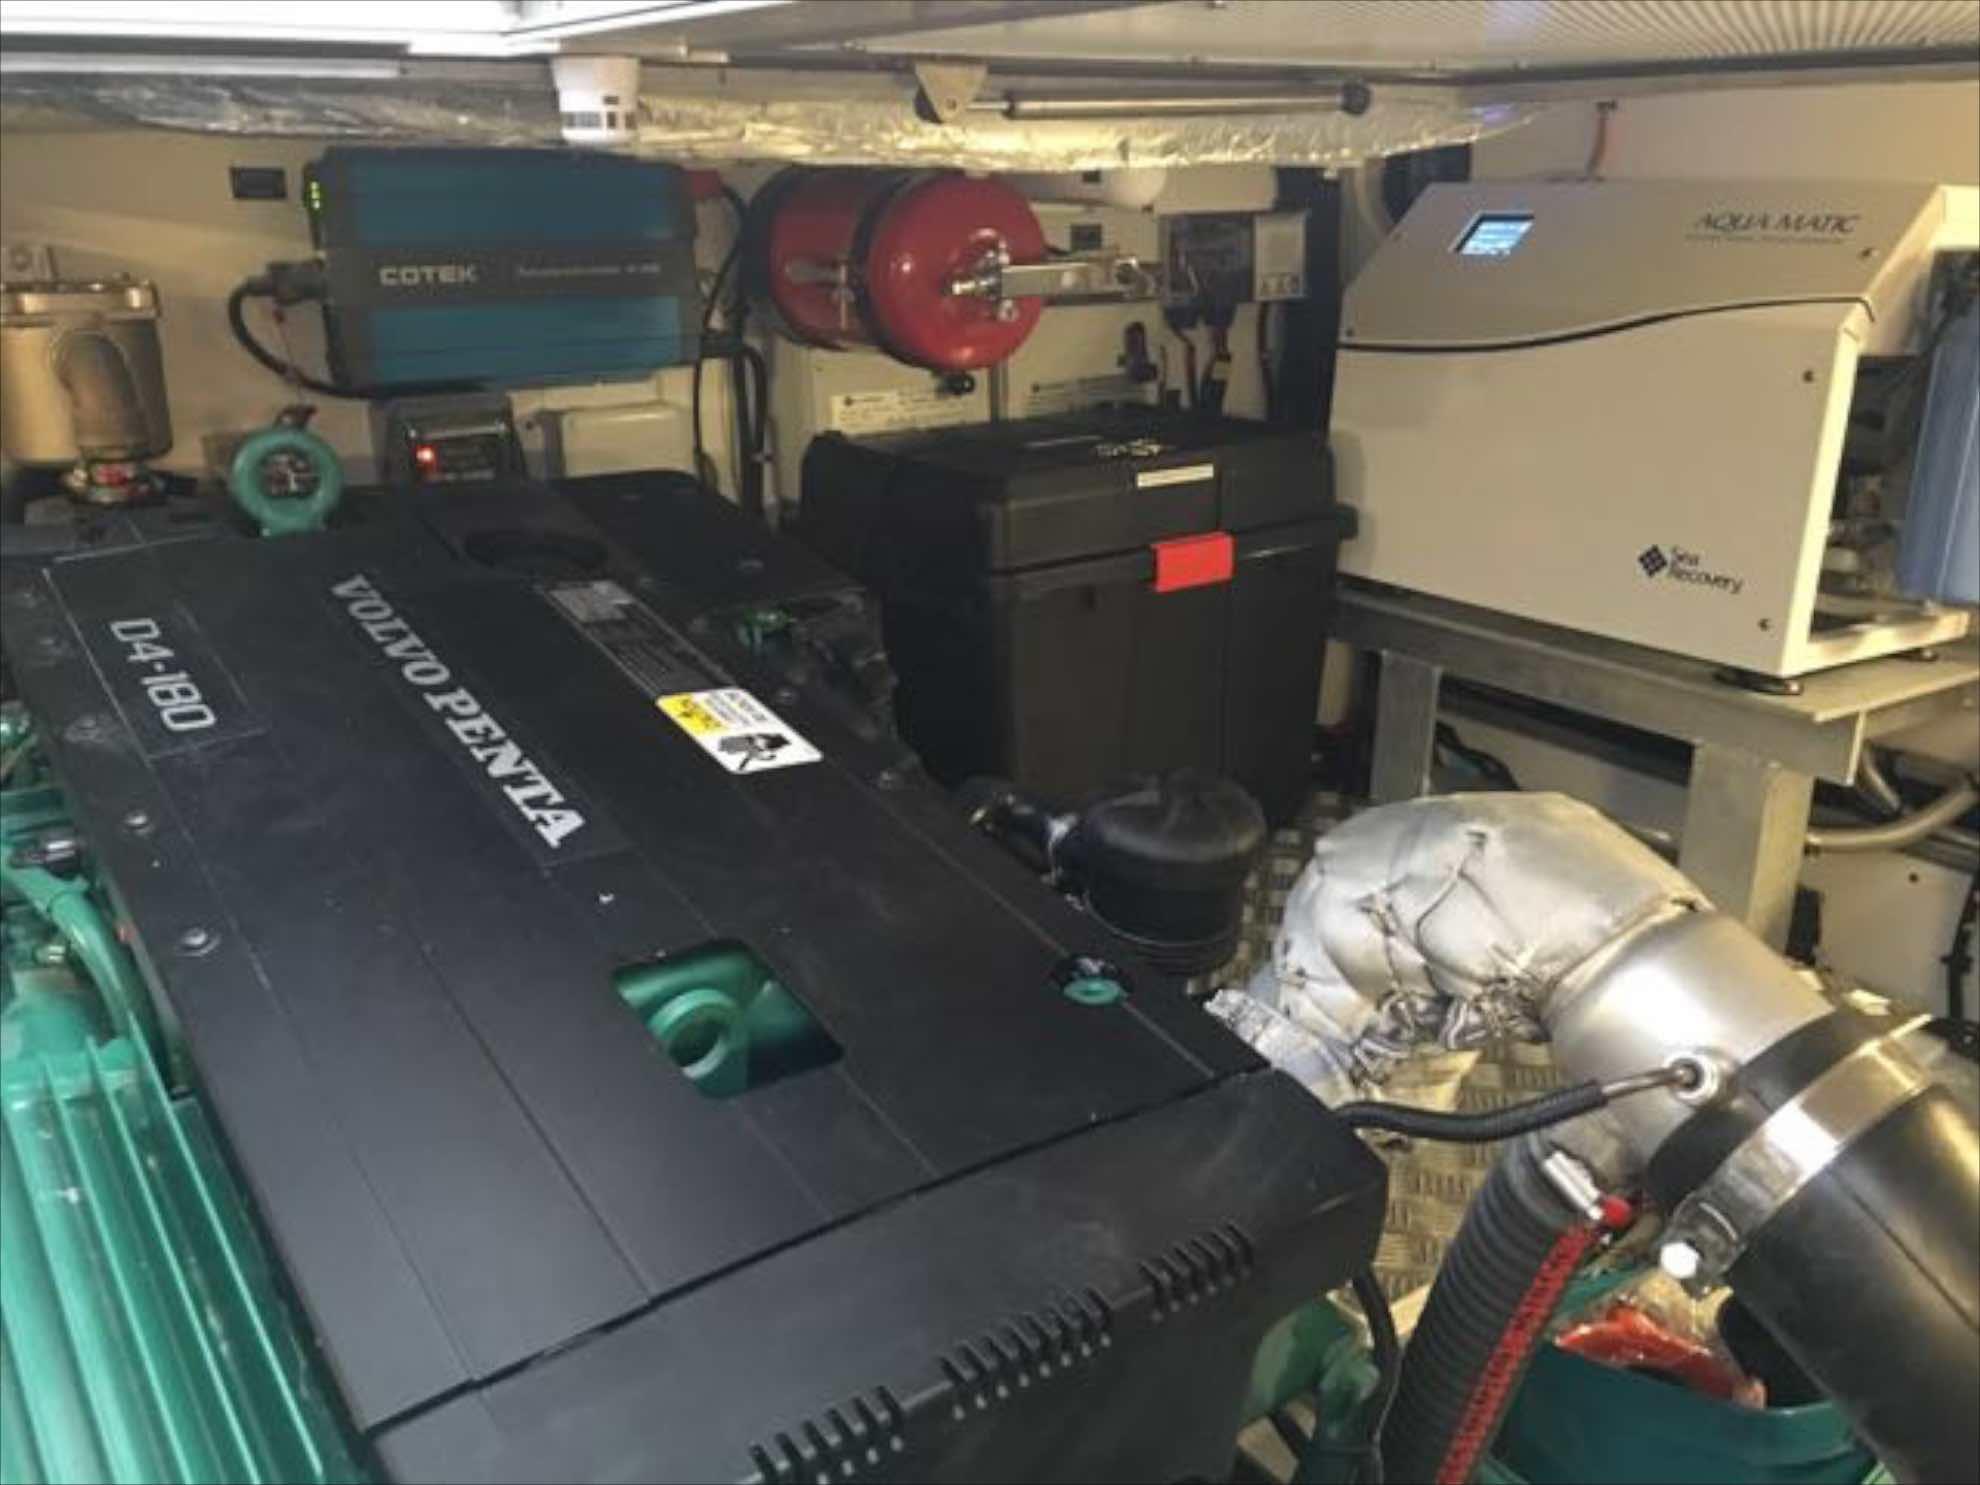 Unterwegs wurde versehentlich ein Pulver-Feuerlöscher im Maschinenraum ausgelöst. Das feine Pulver hat den Luftfilter des Motors verstopft und geriet in den Ölkreislauf der Maschine.